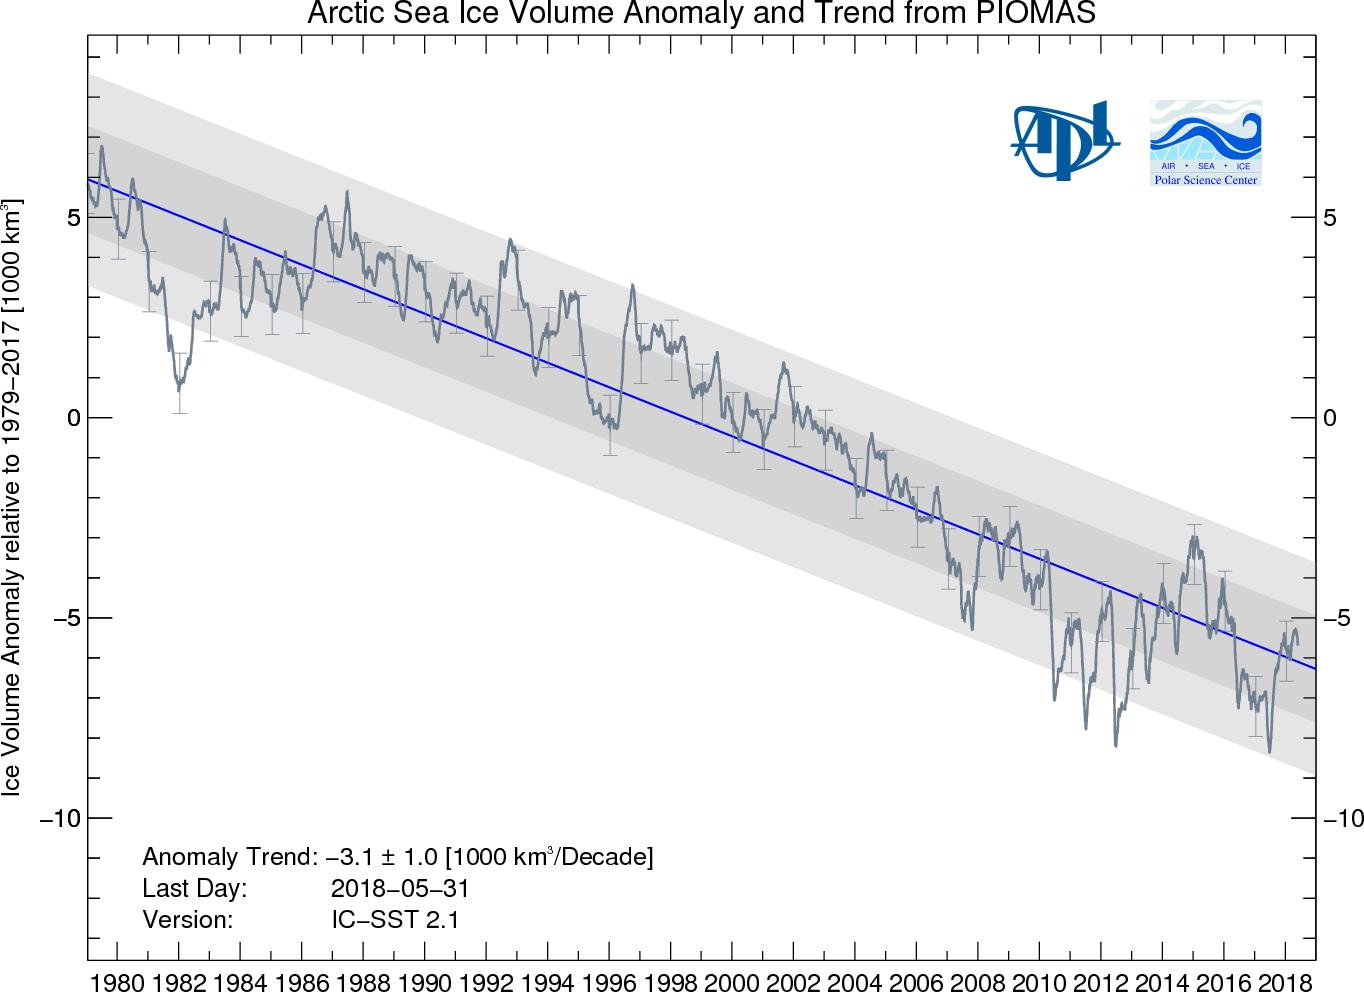 Image d'illustration pour Banquise Arctique : une étendue remarquablement faible en mai